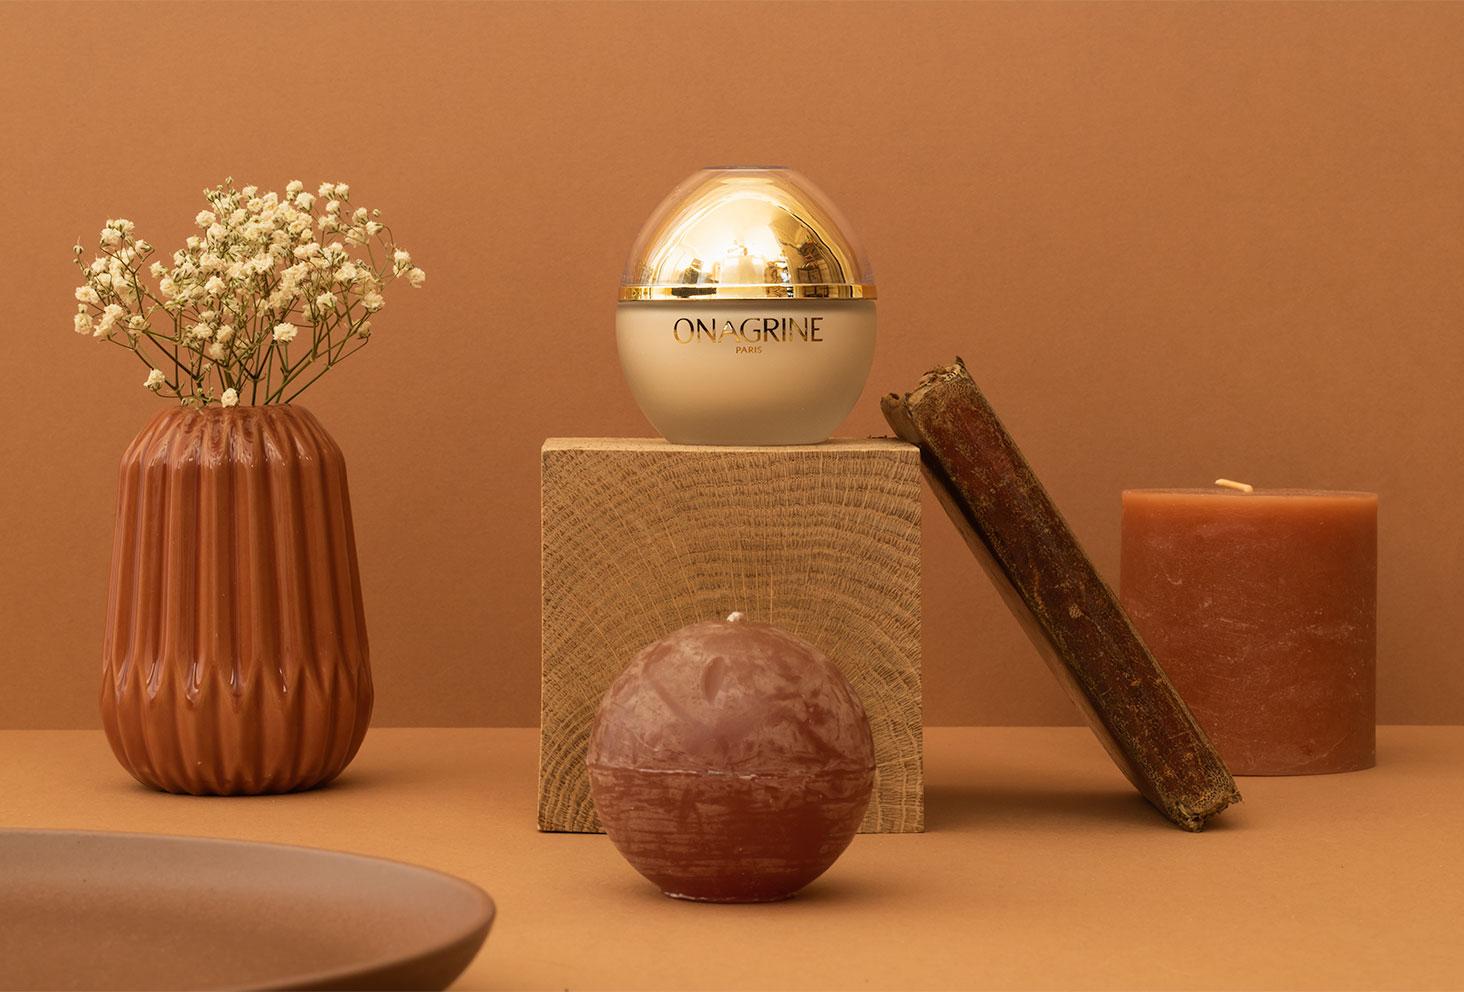 La crème aux 20 huiles précieuses Onagrine dans son packaging doré, posé sur un cube en bois dans une mise en scène géométrique